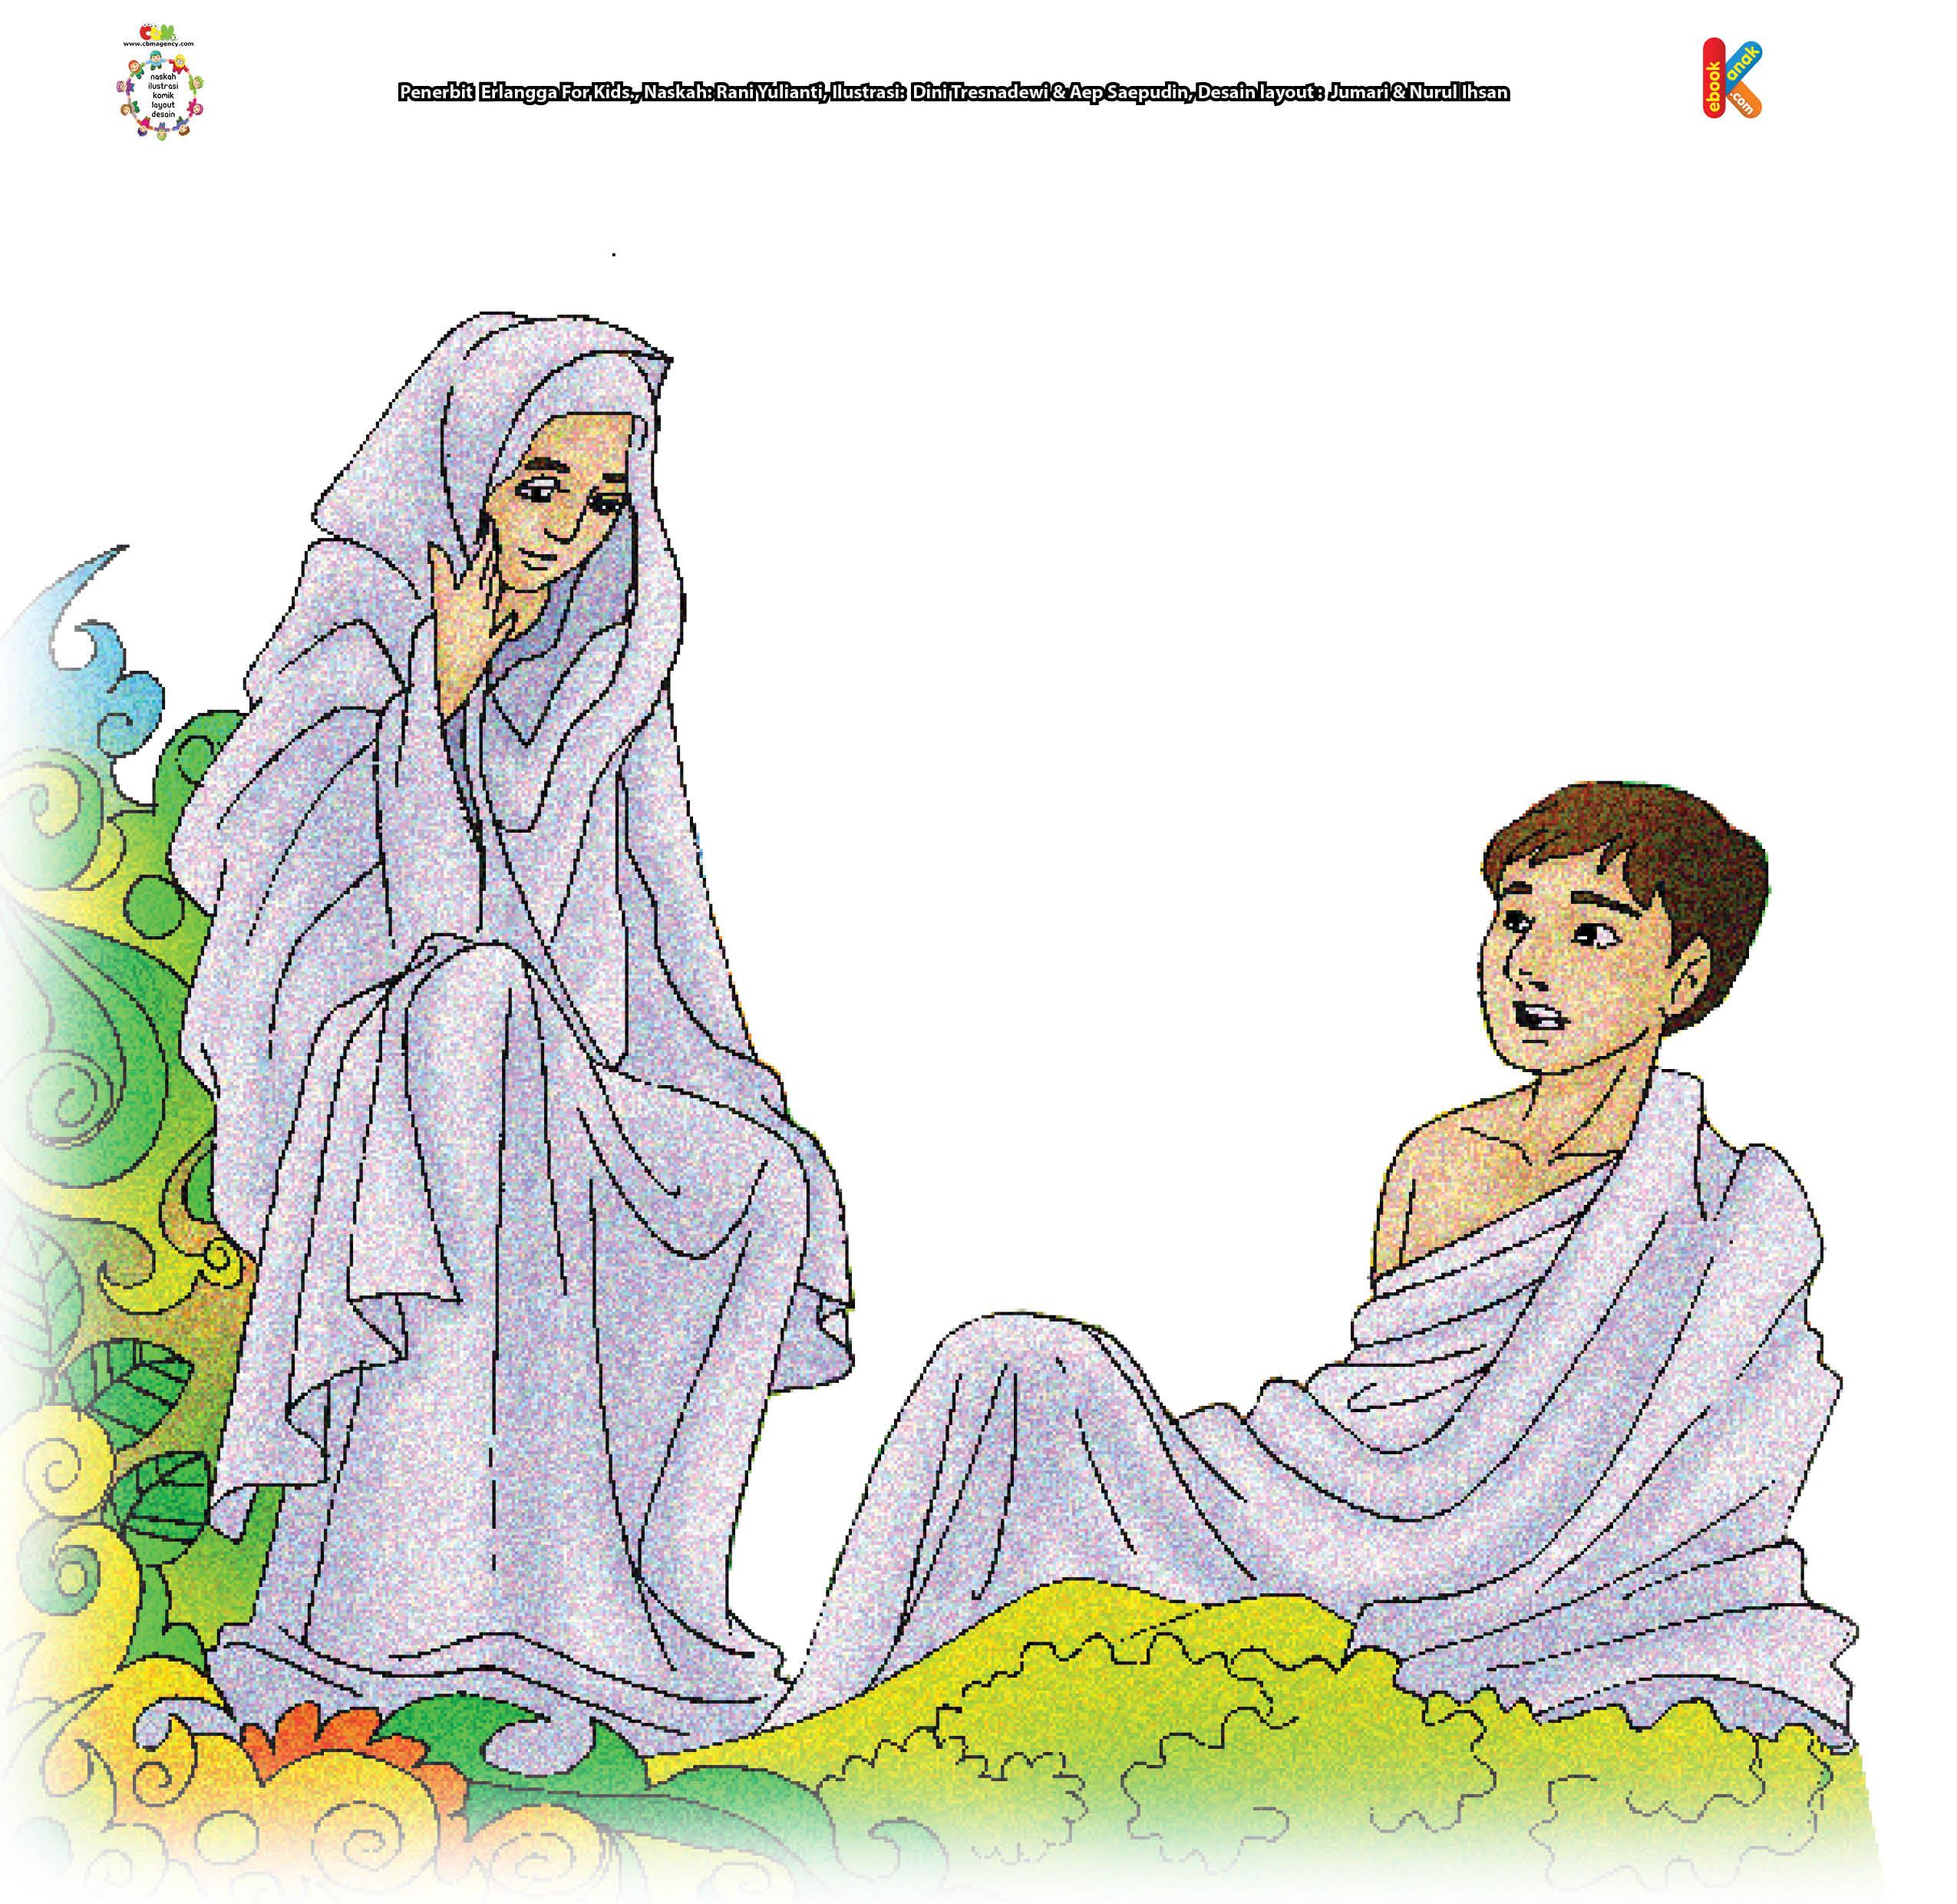 Di surga, Adam sendirian. Kemudian, saat Adam tidur pulas, Allah mengambil satu tulang rusuk sebelah kiri Adam, lalu menutup bekas lukanya.